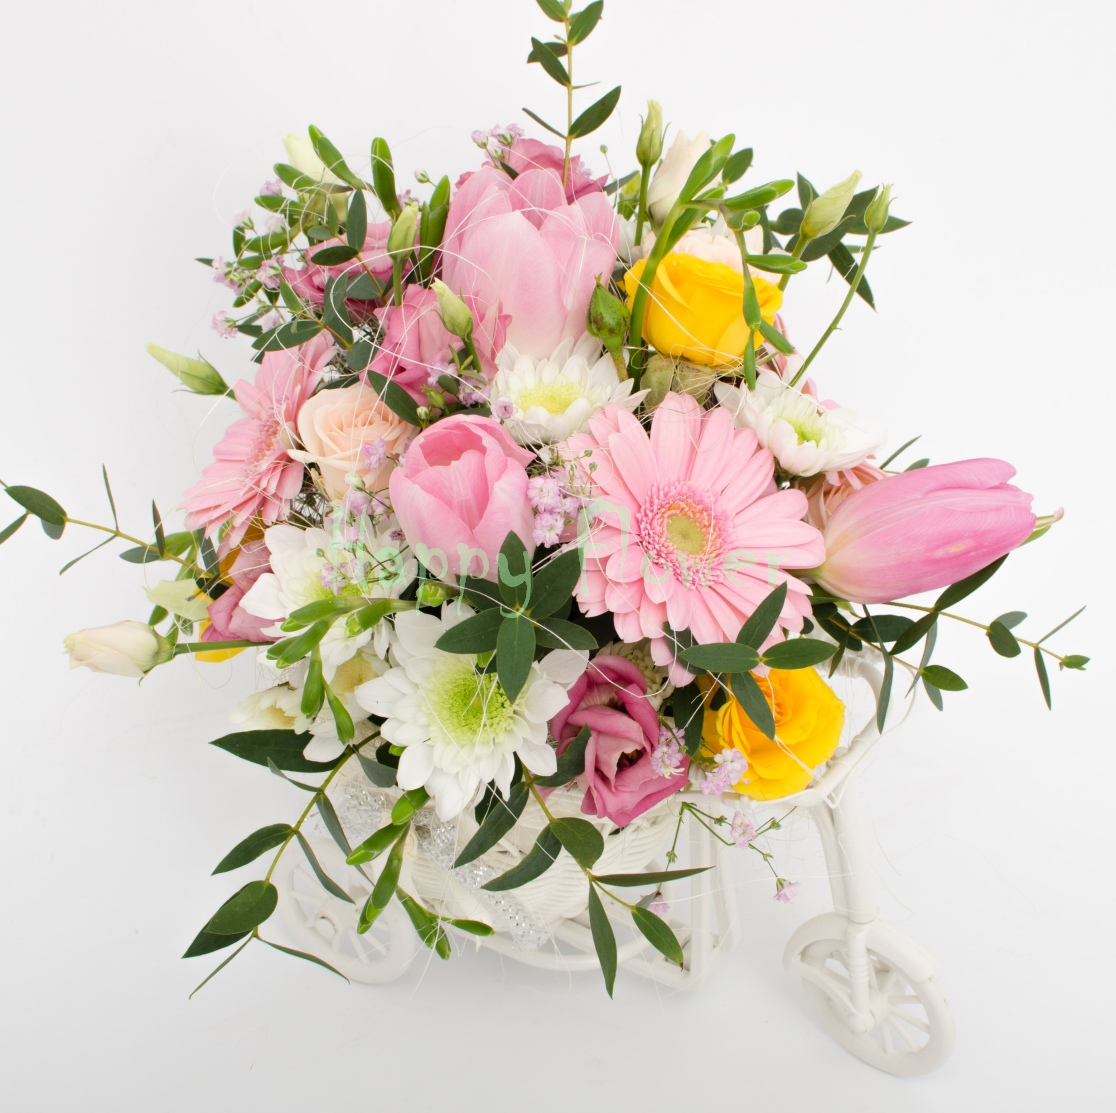 Tricicleta-flori-primavara-lalele-lisiantus-minigerbera-miniroze